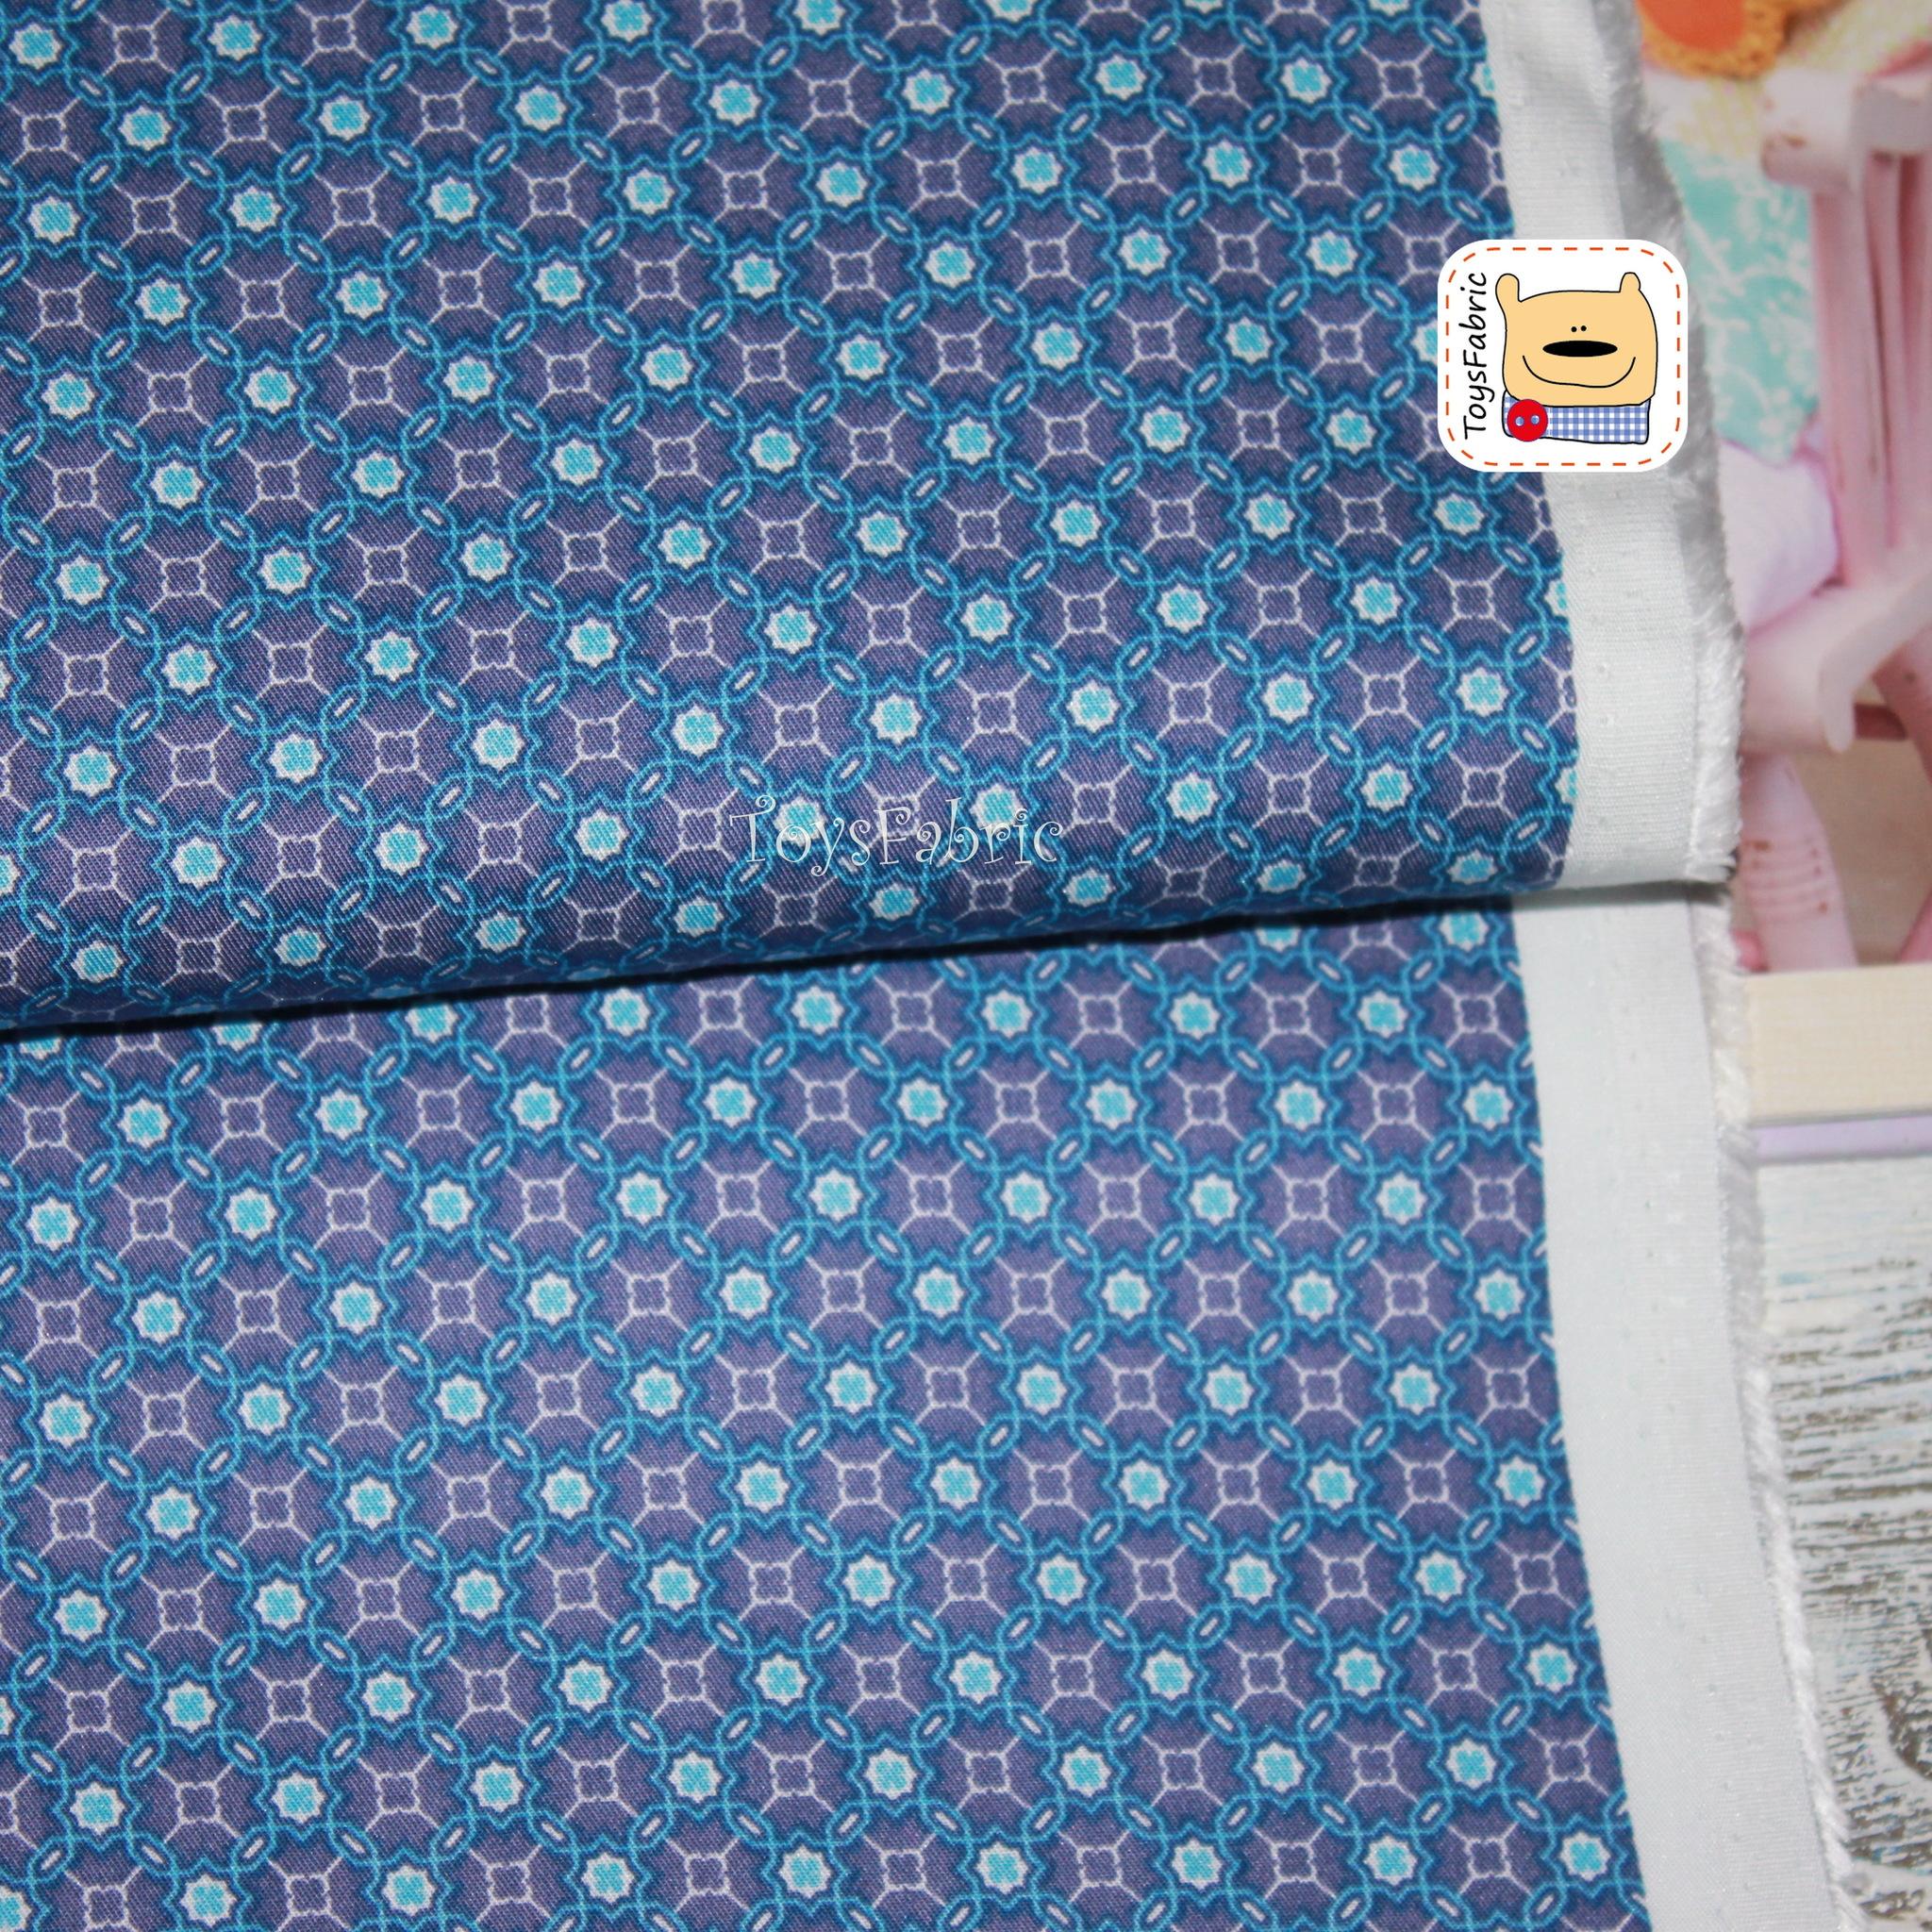 Ткань хлопок сатин корейский 20734 (синий орнамент) 45х55см